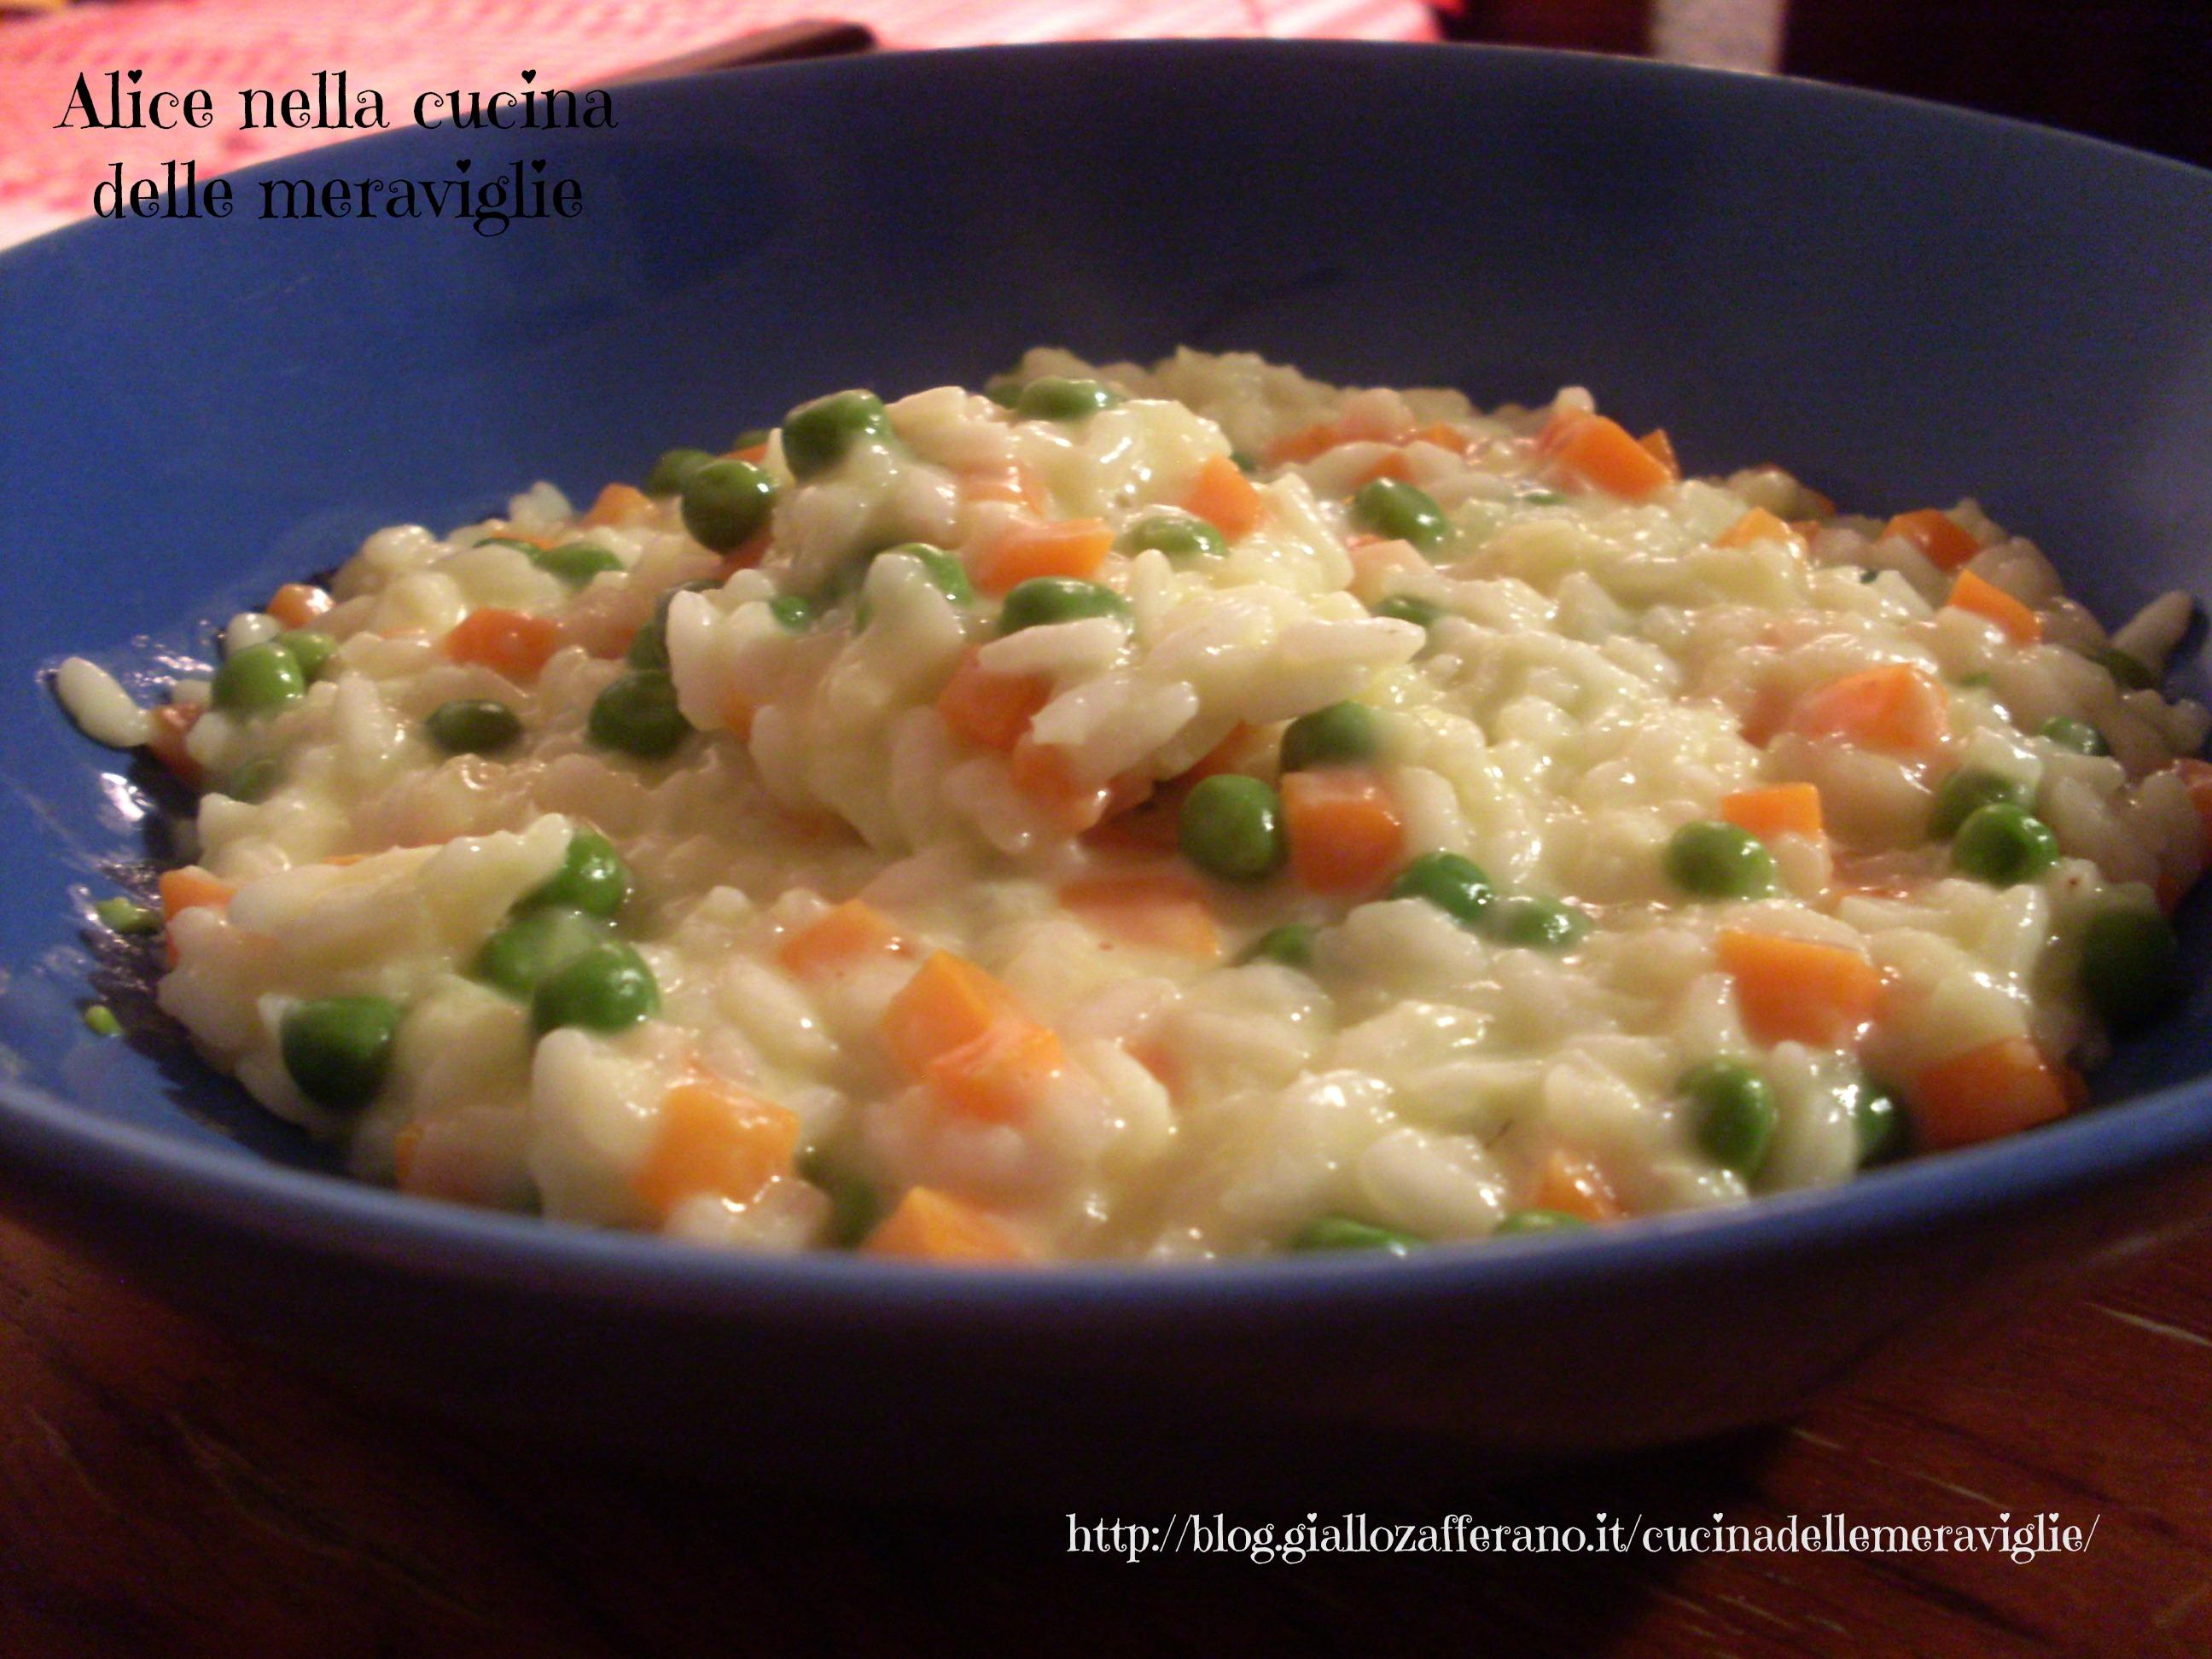 Risotto con piselli, carote e Philadelphia Ricetta primo piatto vegetariano Alice nella cucina delle meraviglie